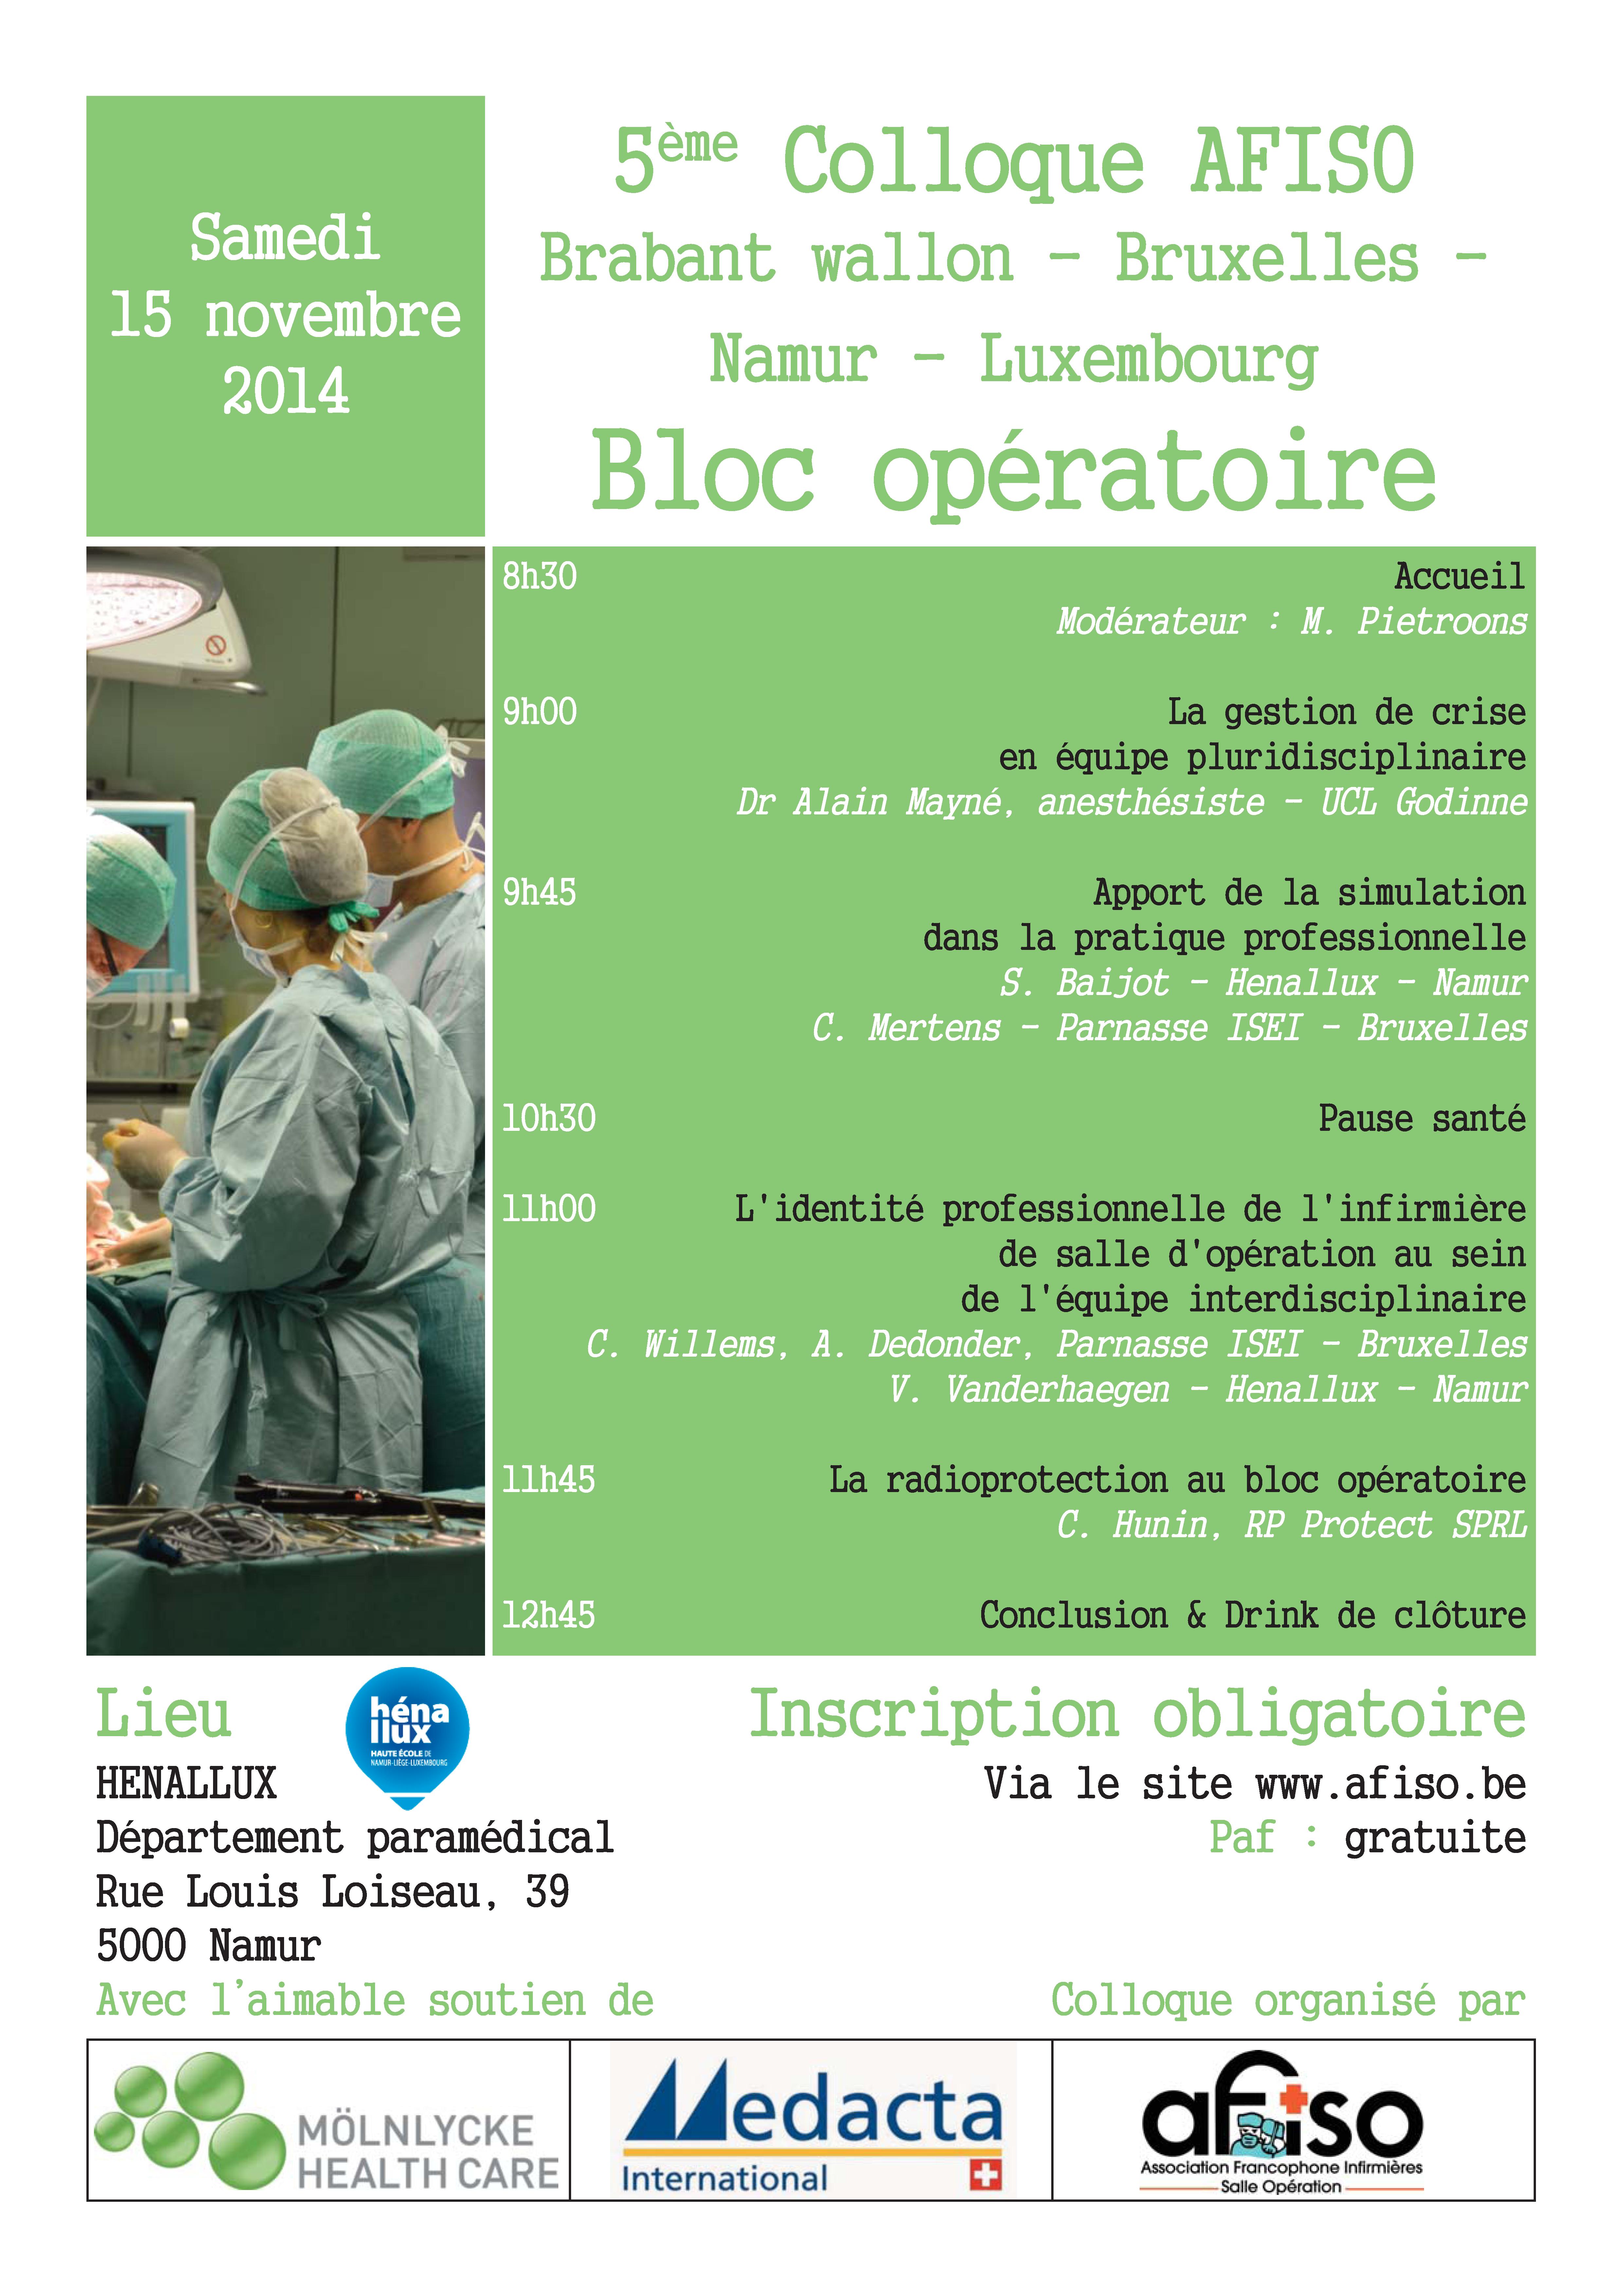 15 novembre 2014 : 5ème Symposium de la régionale AFISO Namur / Bxl / Brabant / Luxembourg